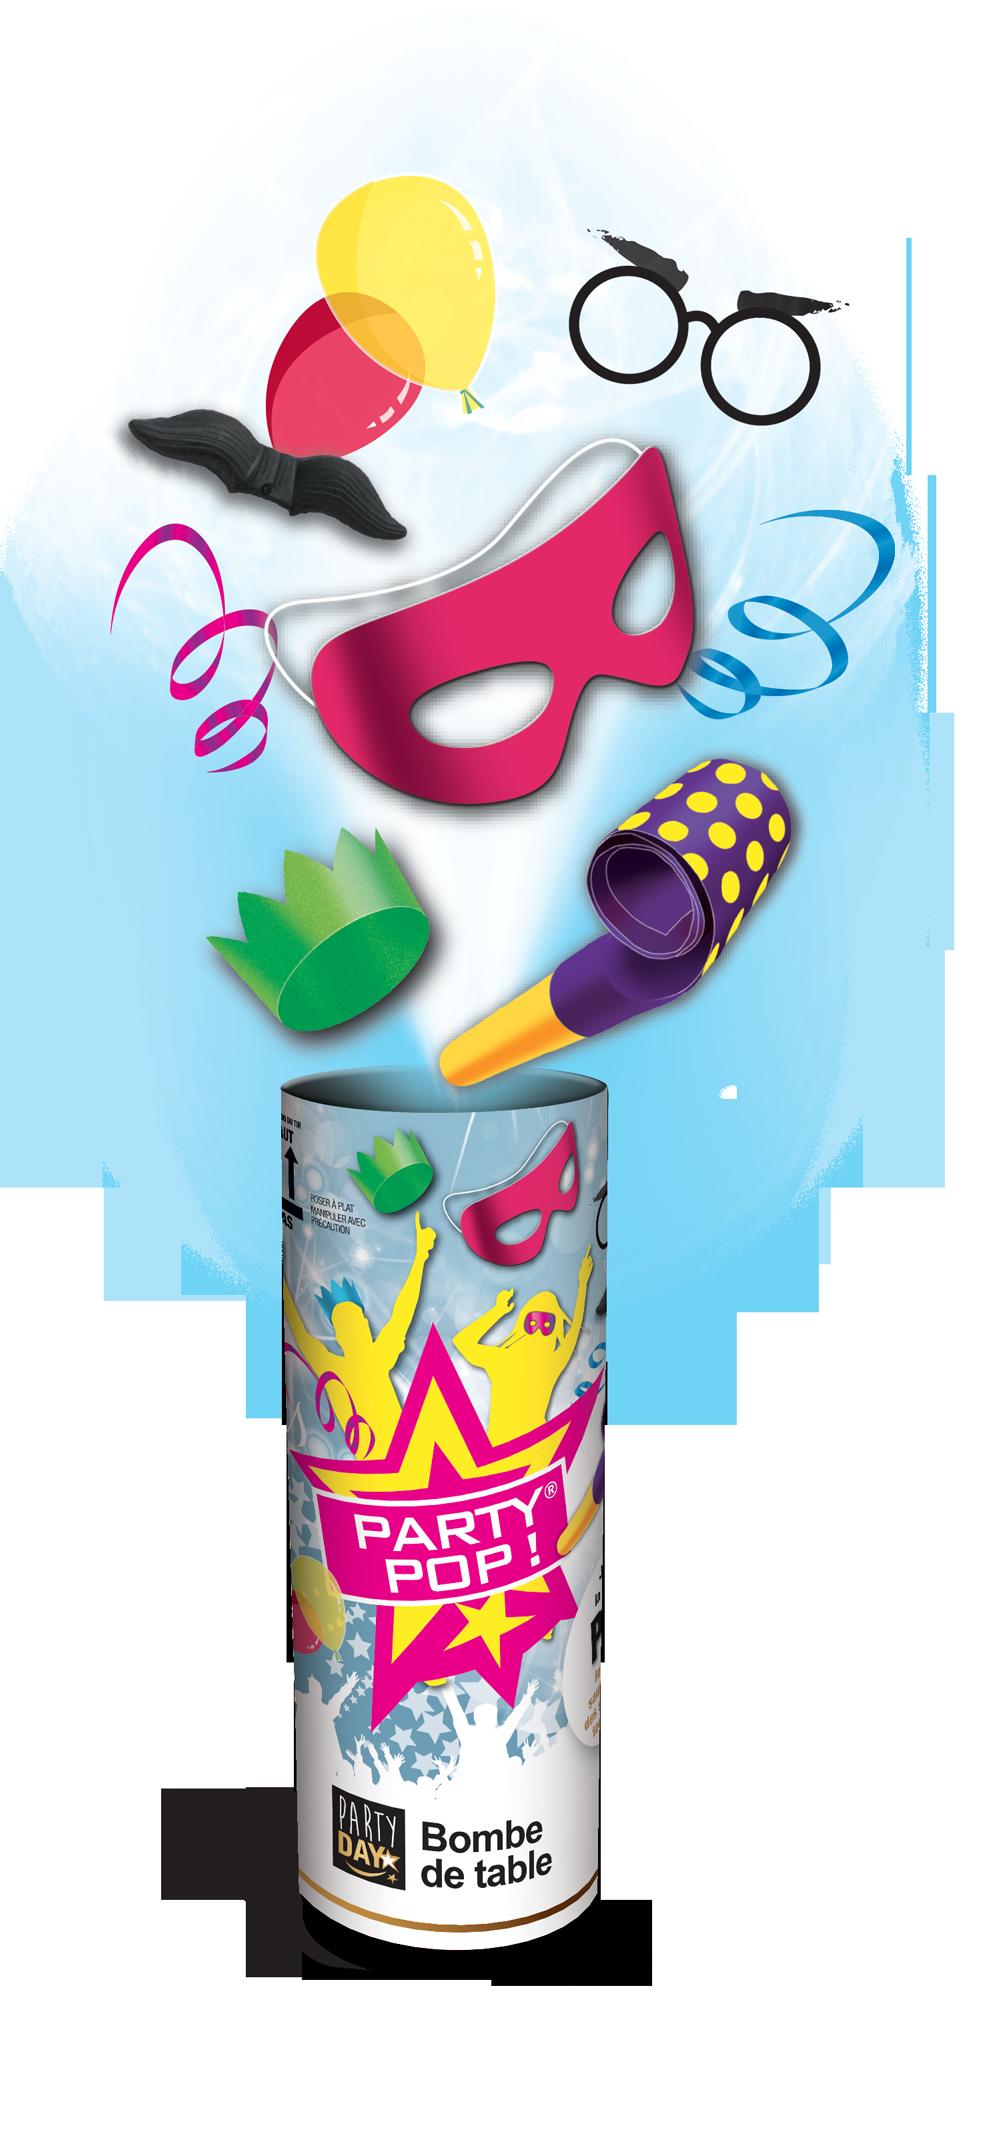 P151248-1B_Party-pop_05-2018_avec-cadeaux